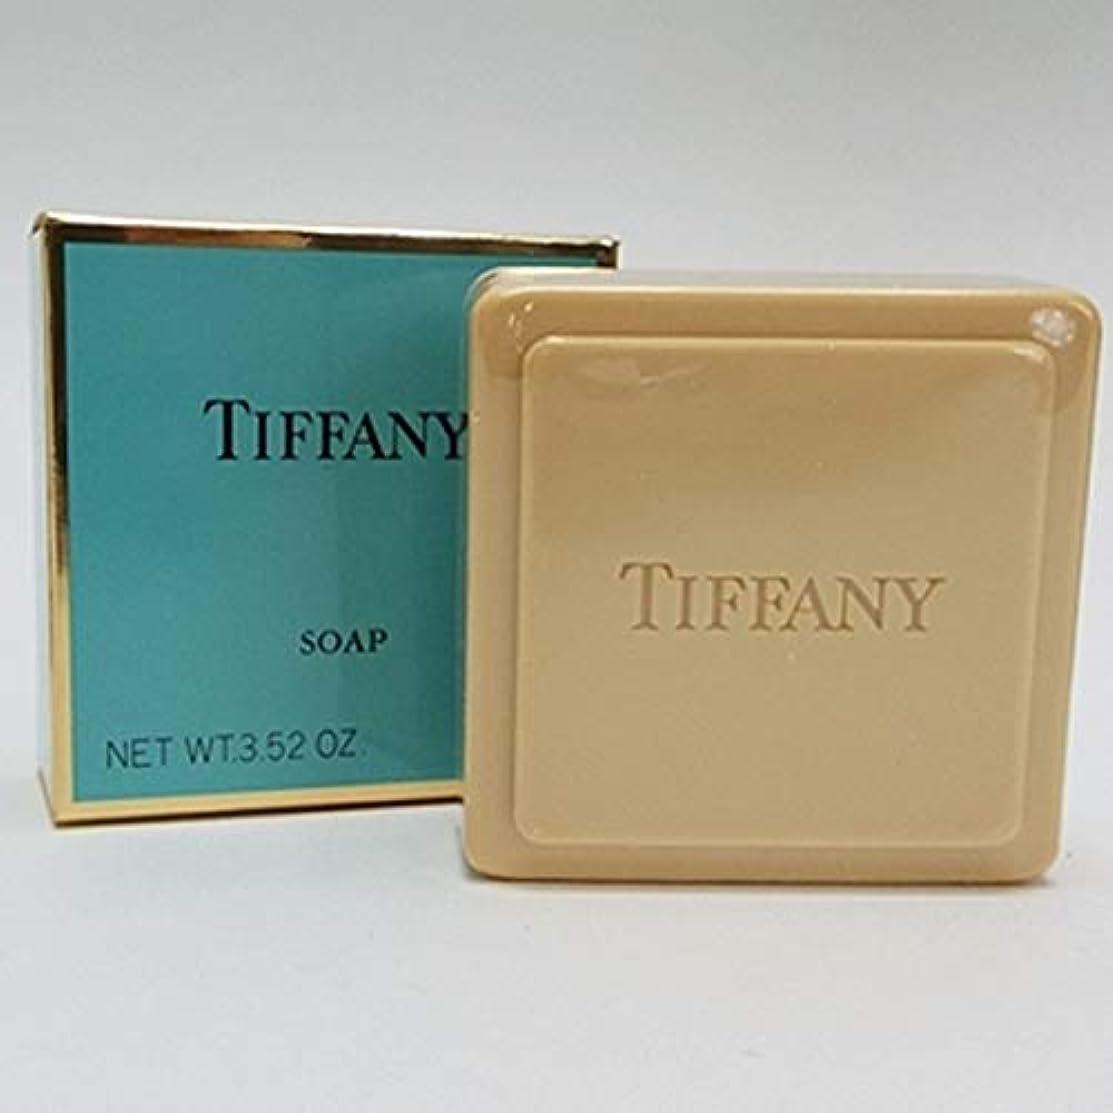 負担鉄道表現ティファニー ティファニー ソープ 石鹸 100g Tiffany (並行輸入)